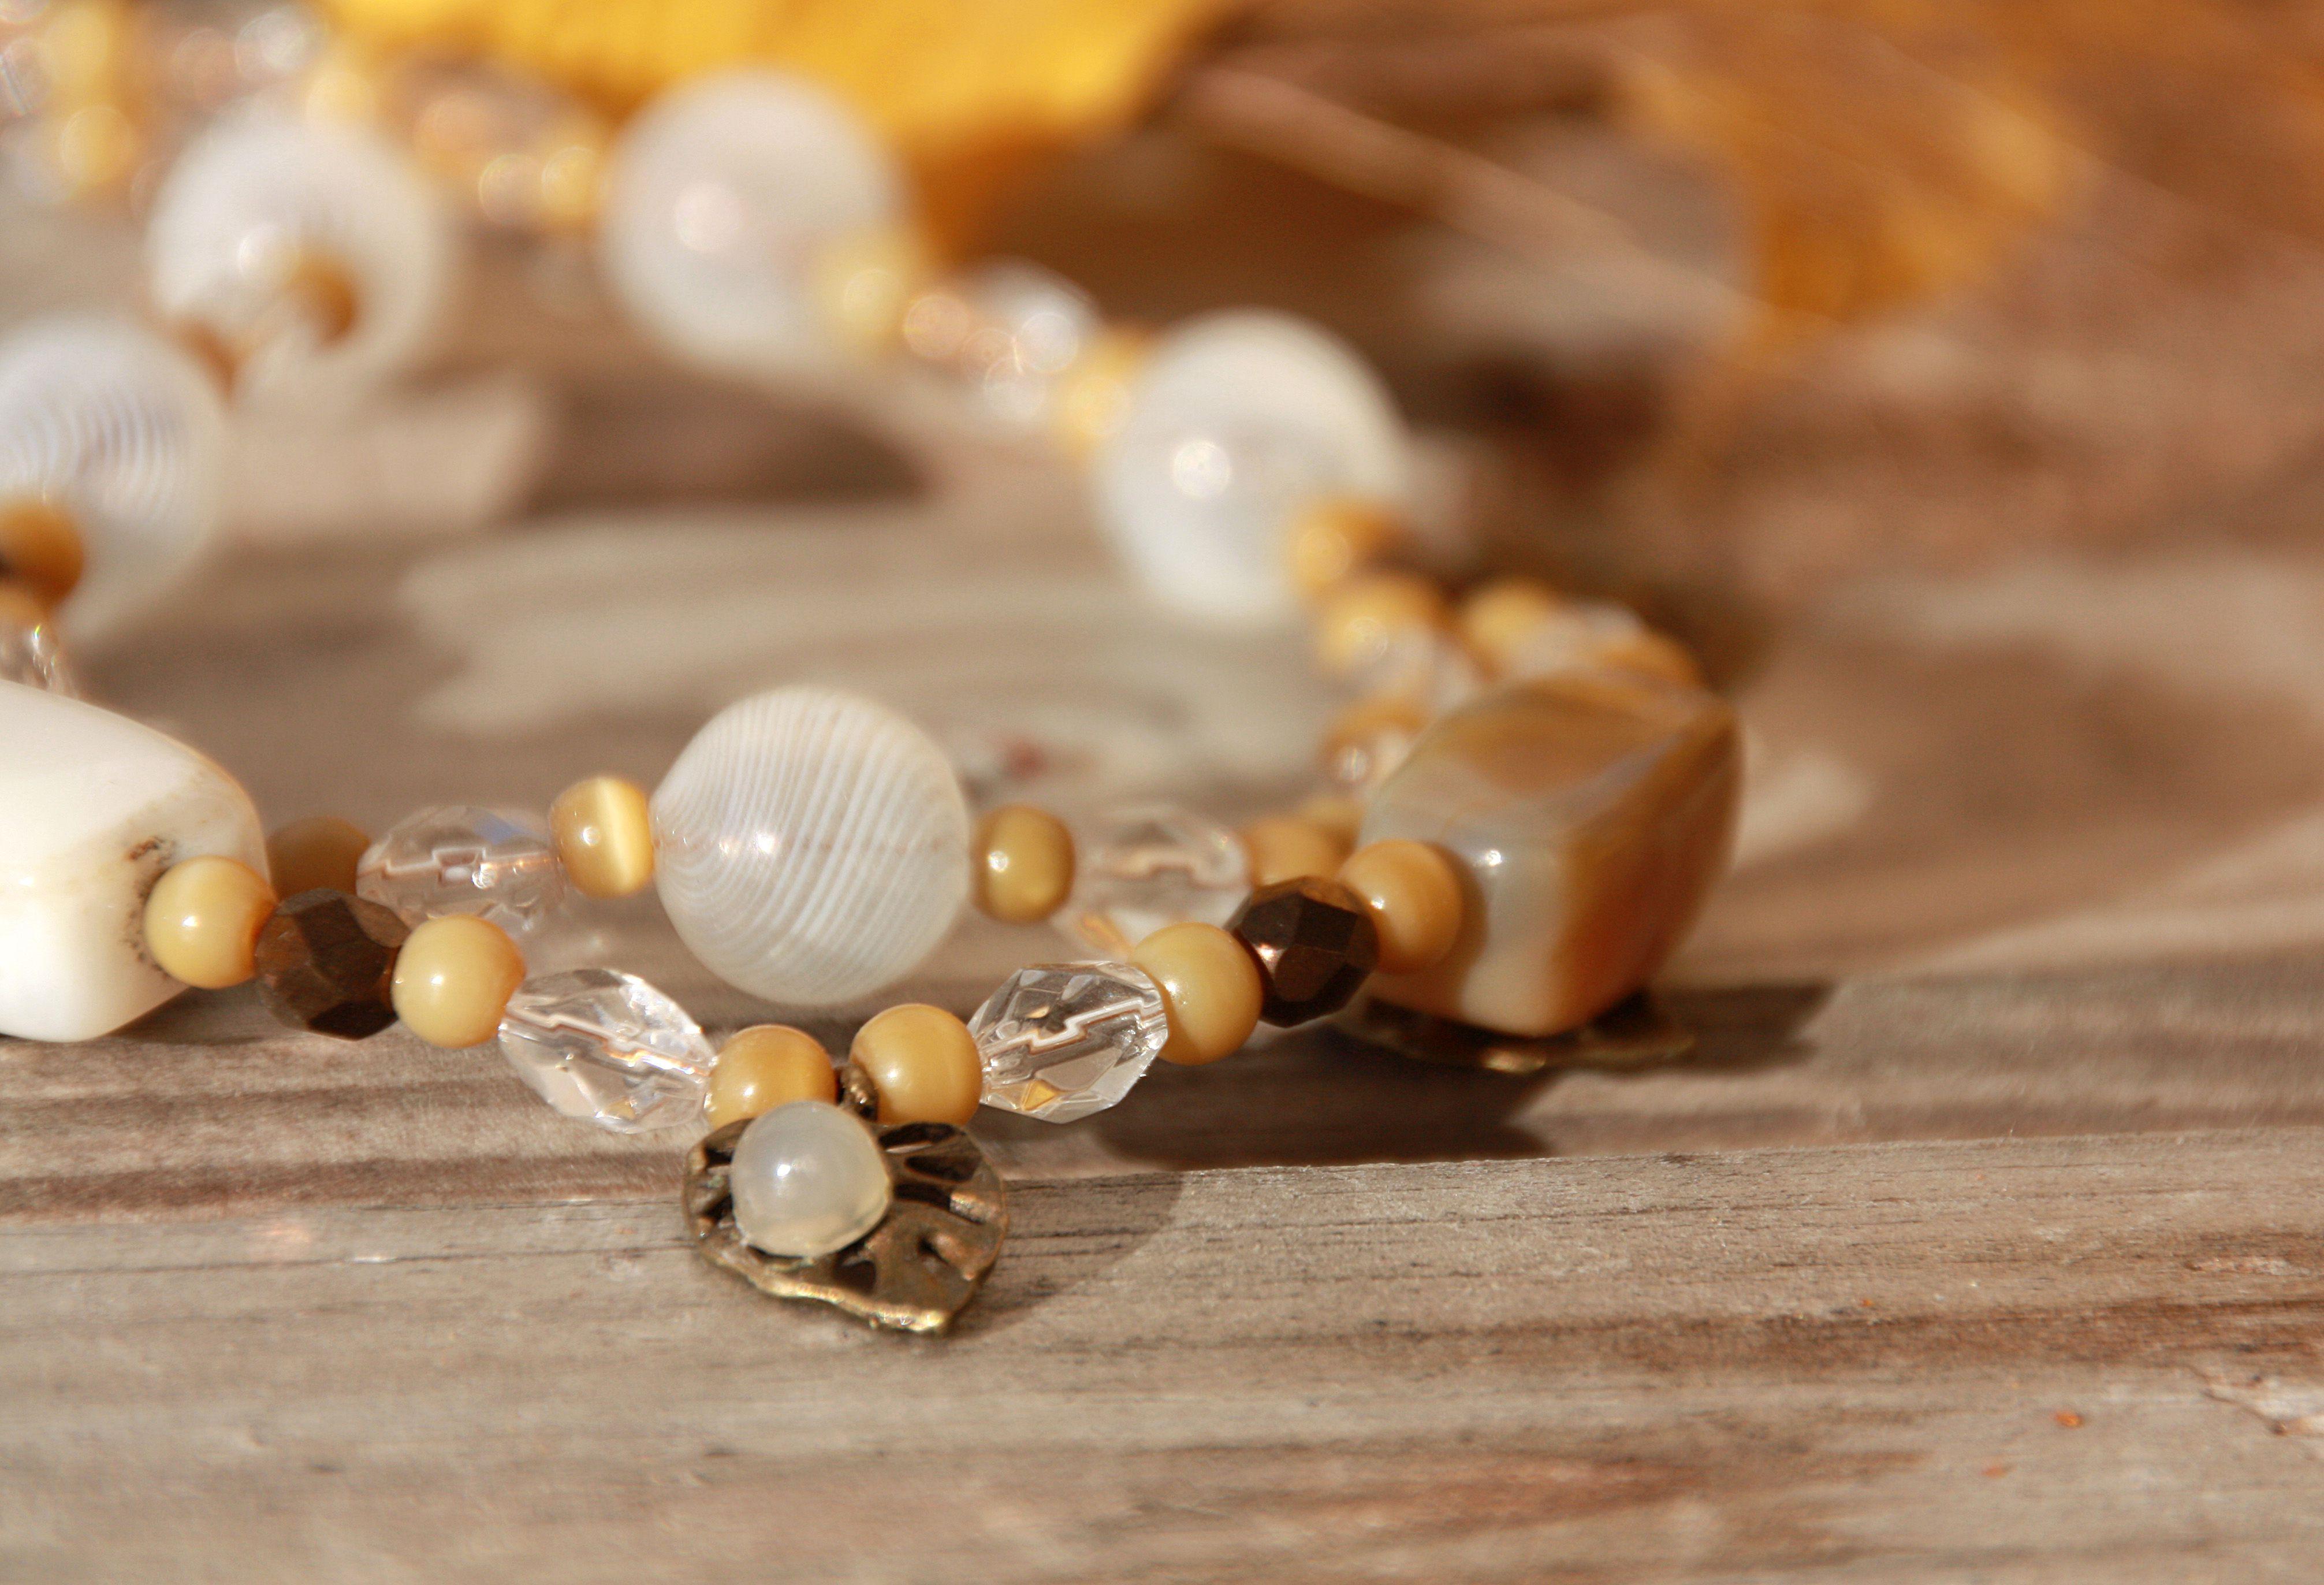 хрустальный классика осенний льдинки природный стеклянные украшения серьги белый натуральные комплект бежевый колье прозрачный камни